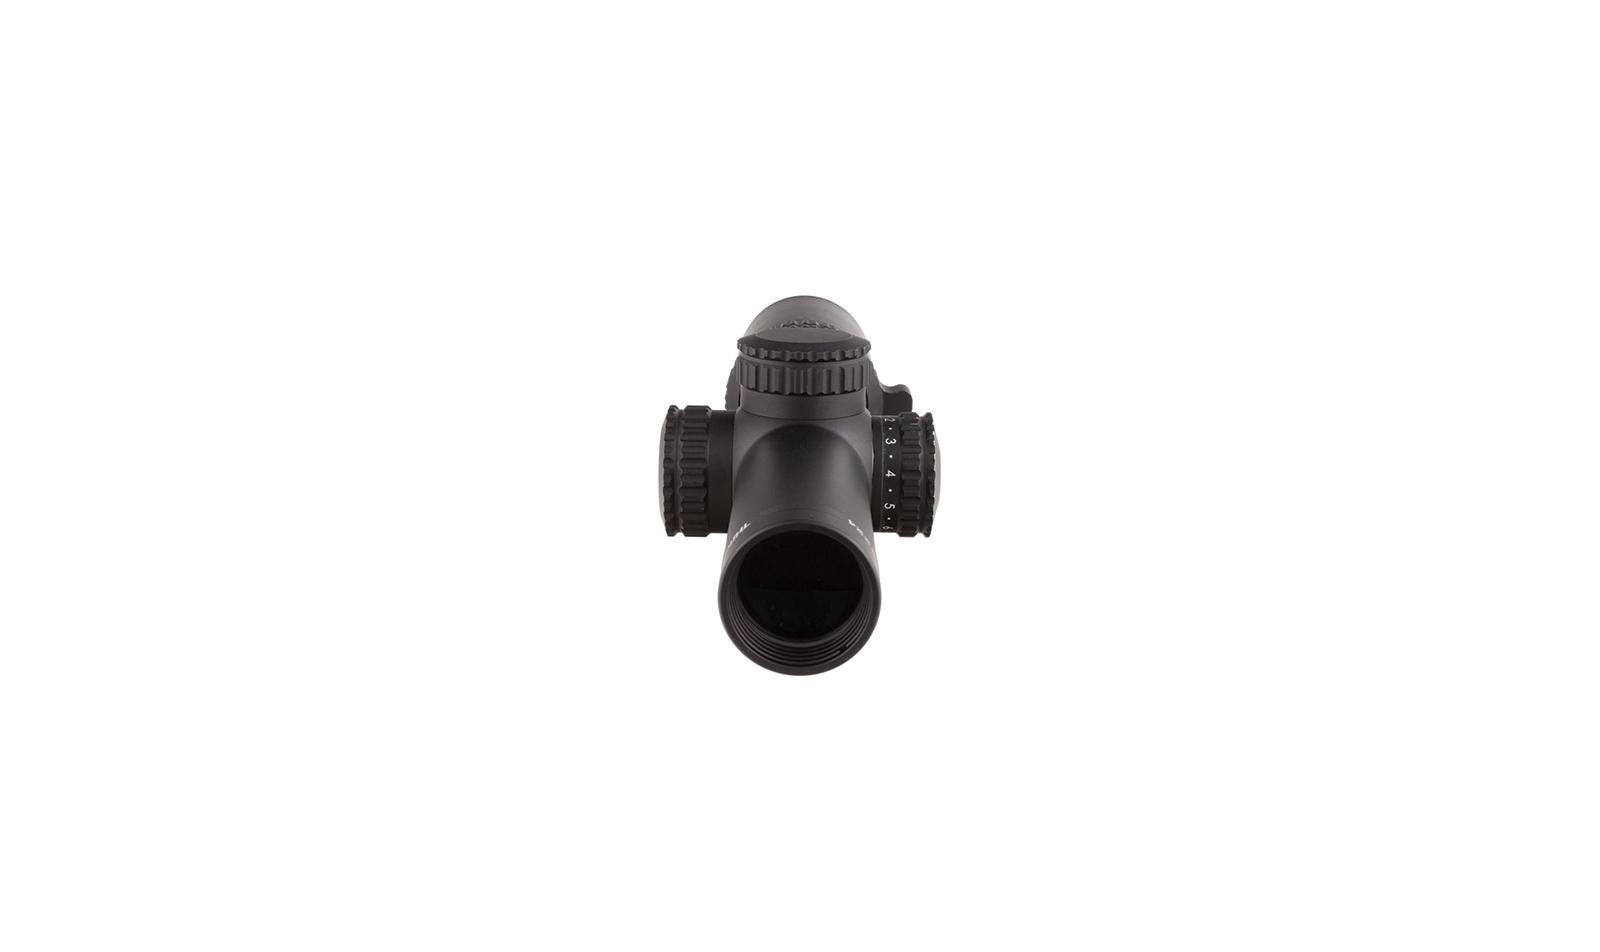 RS24-C-1900006 angle 8